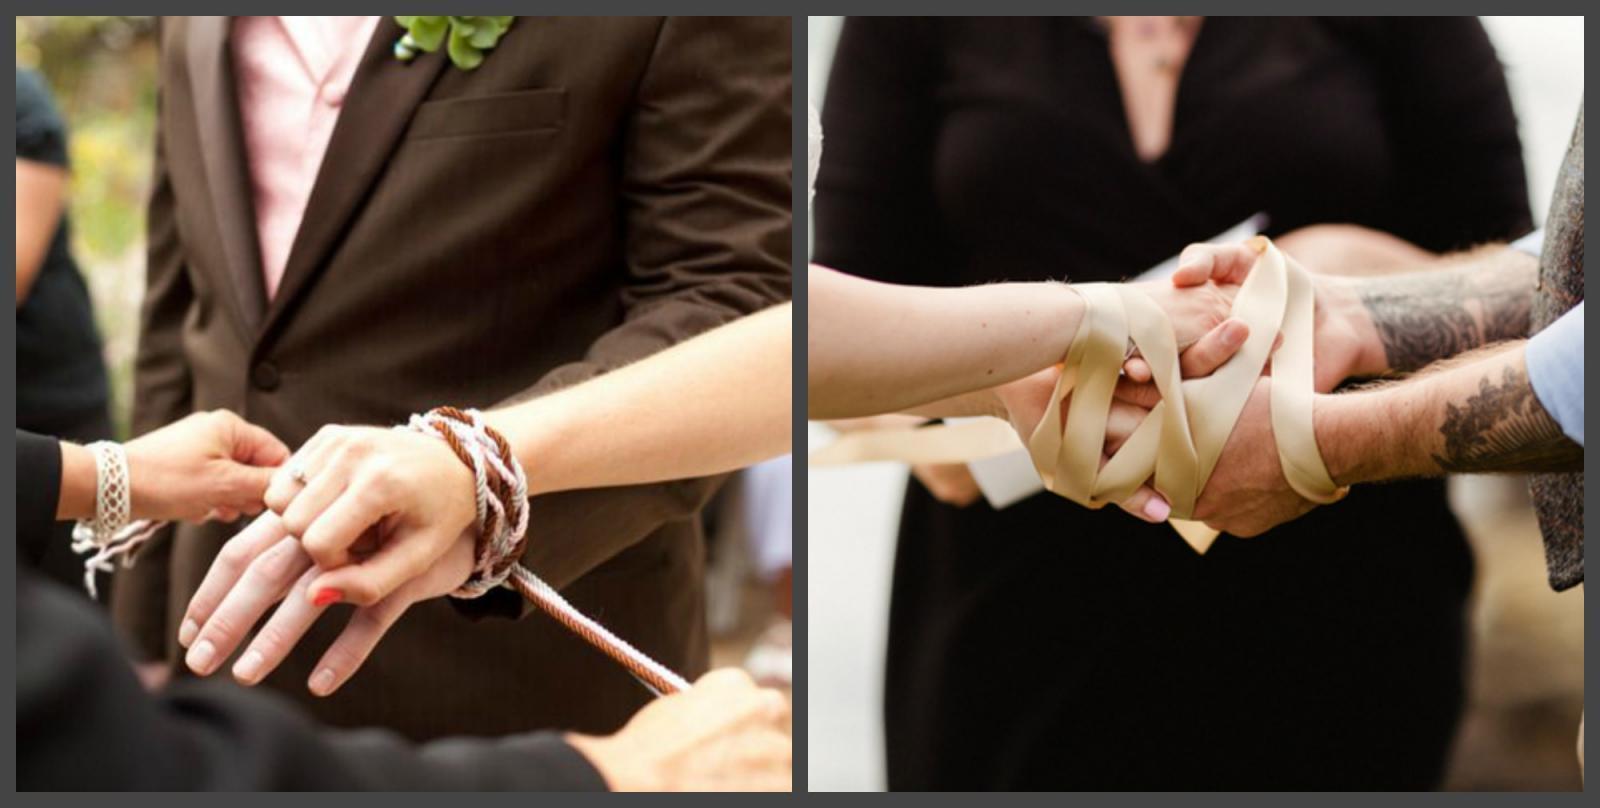 Связанные руки молодоженов